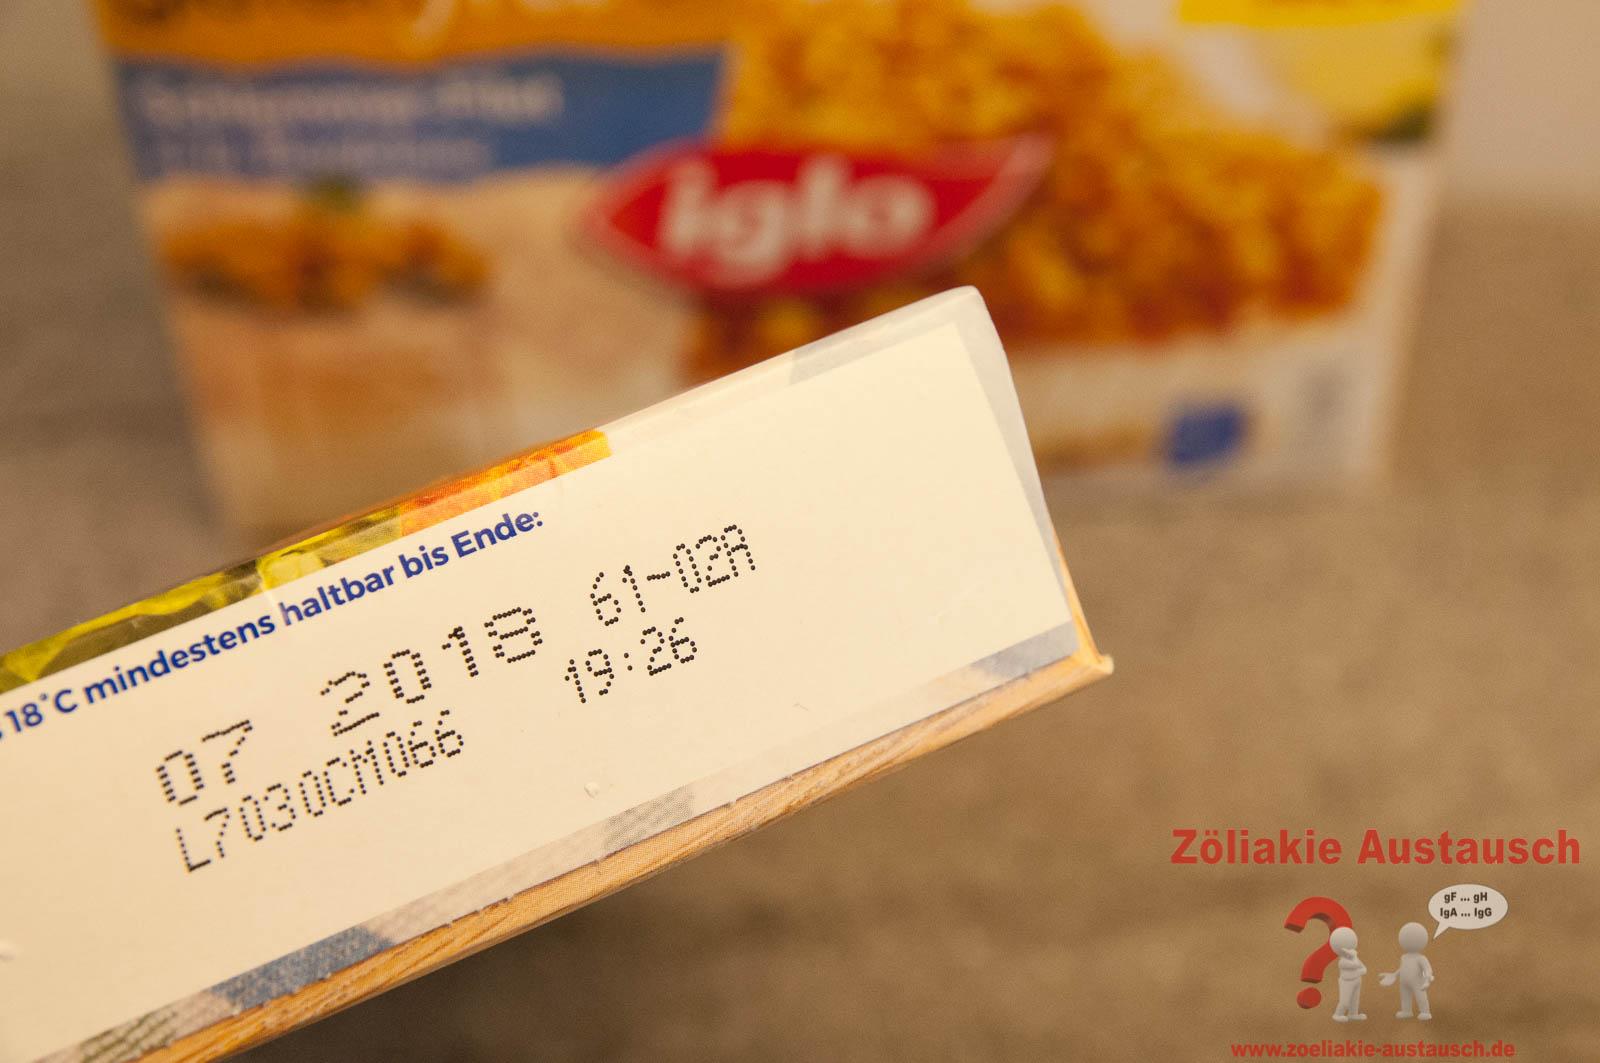 Zoeliakie_Austausch_IGLO_2017-005